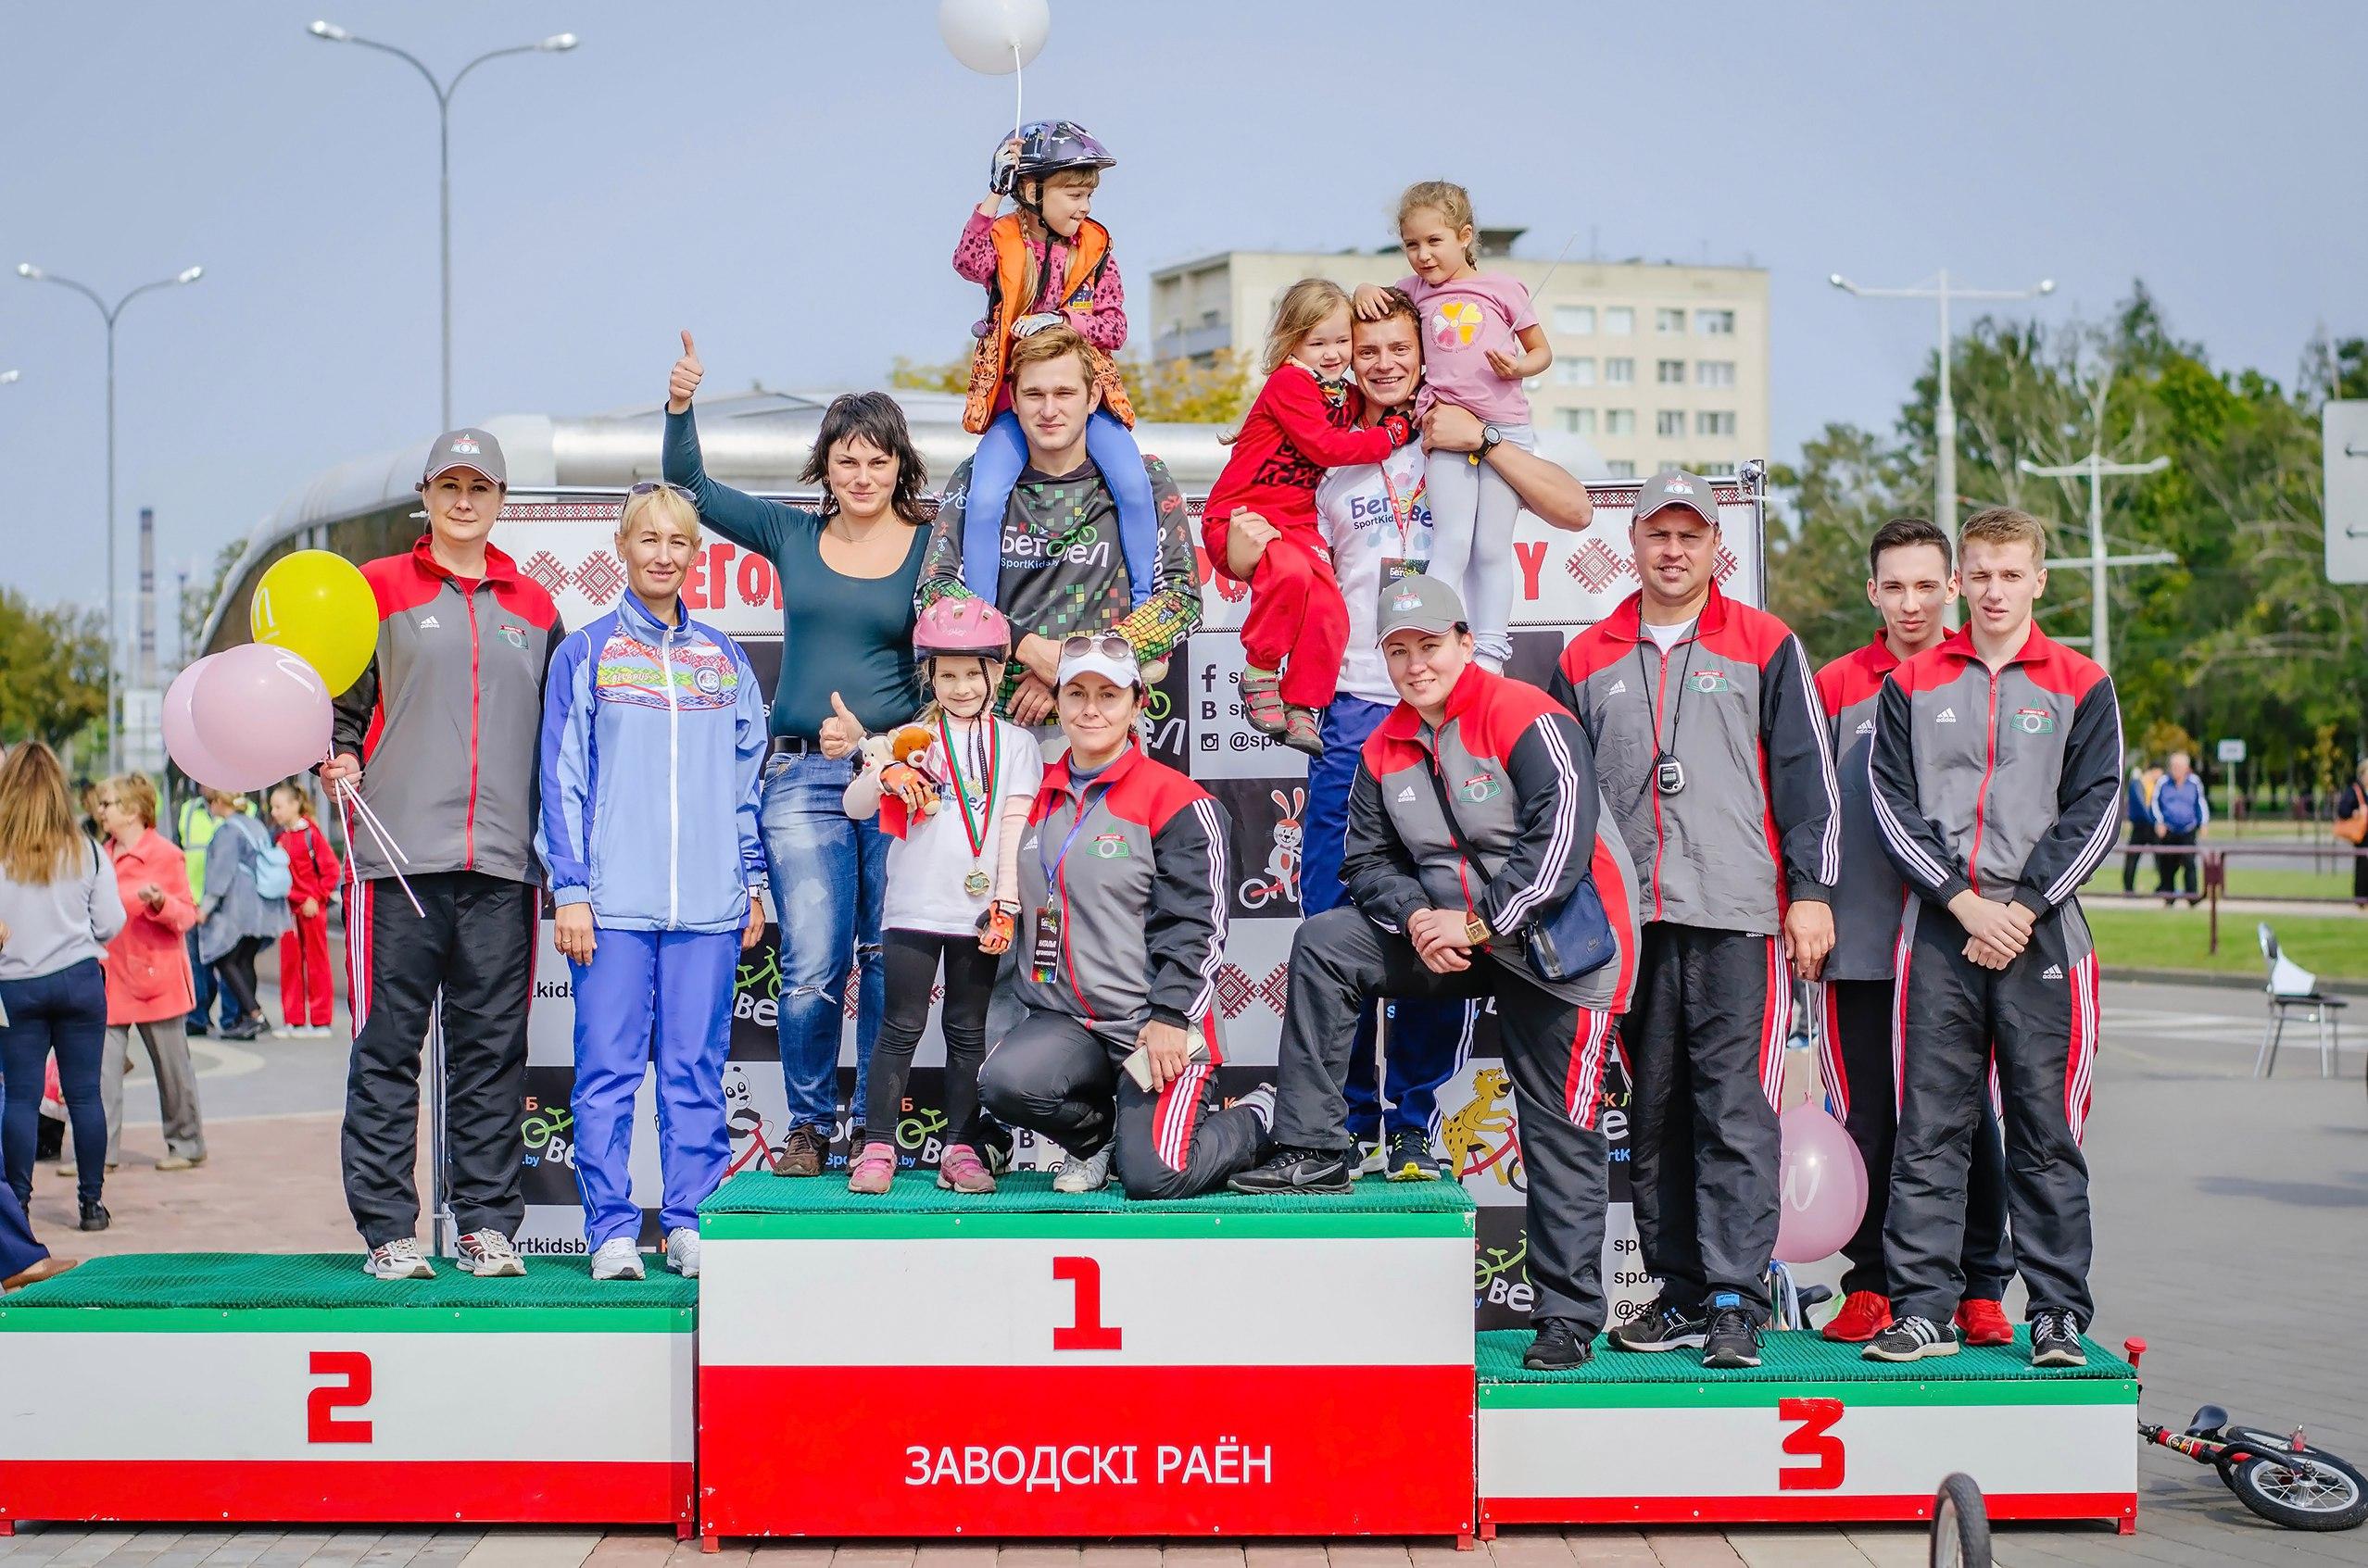 sportkids.by и администрация заводского района Минска